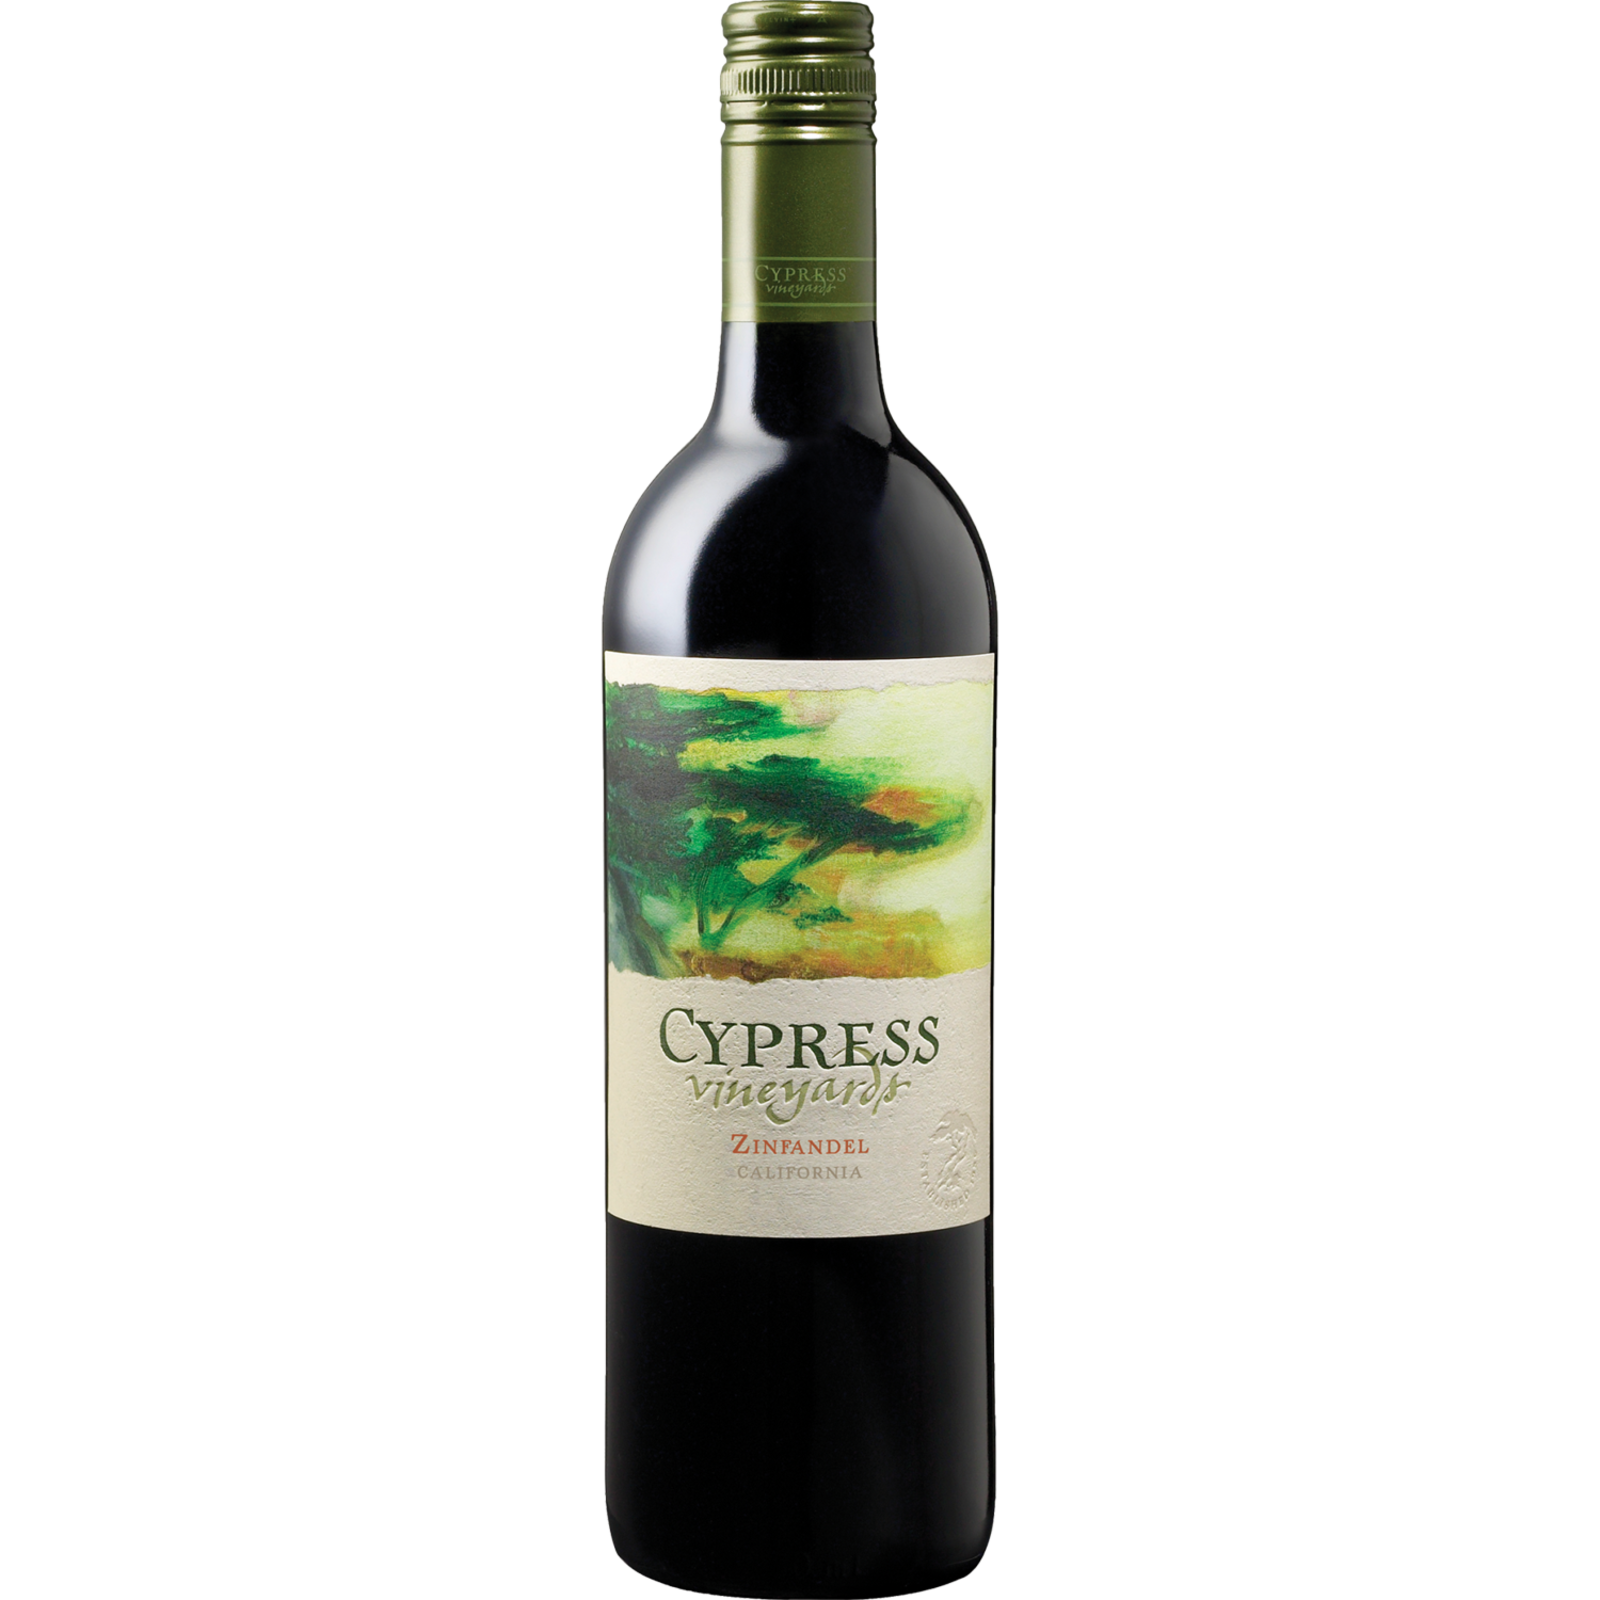 J Lohr Winery J Lohr Winery Zinfandel Cypress 2018